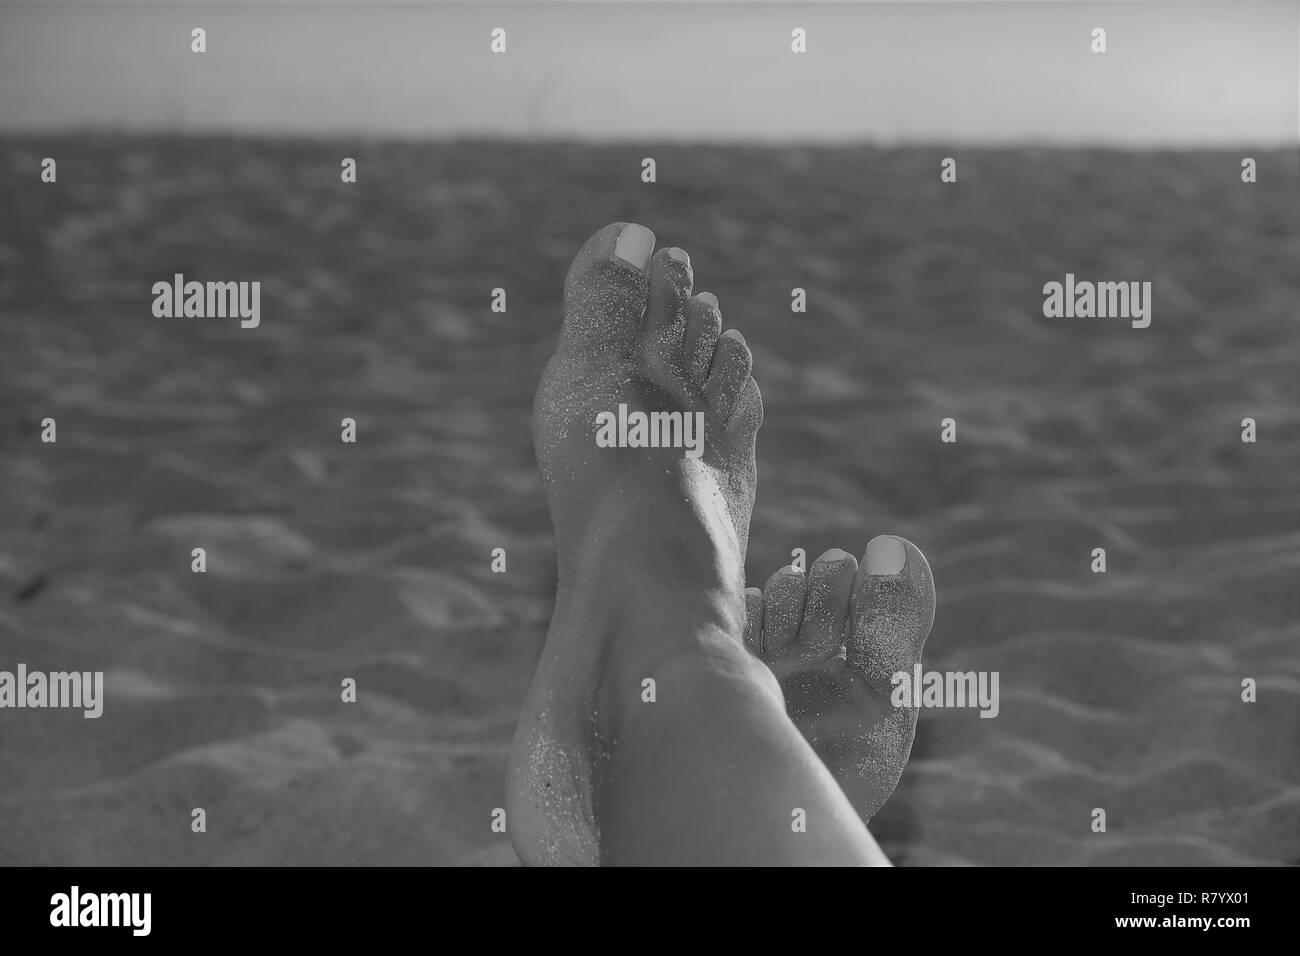 Une photo d'une femme se prélasser à la plage Banque D'Images